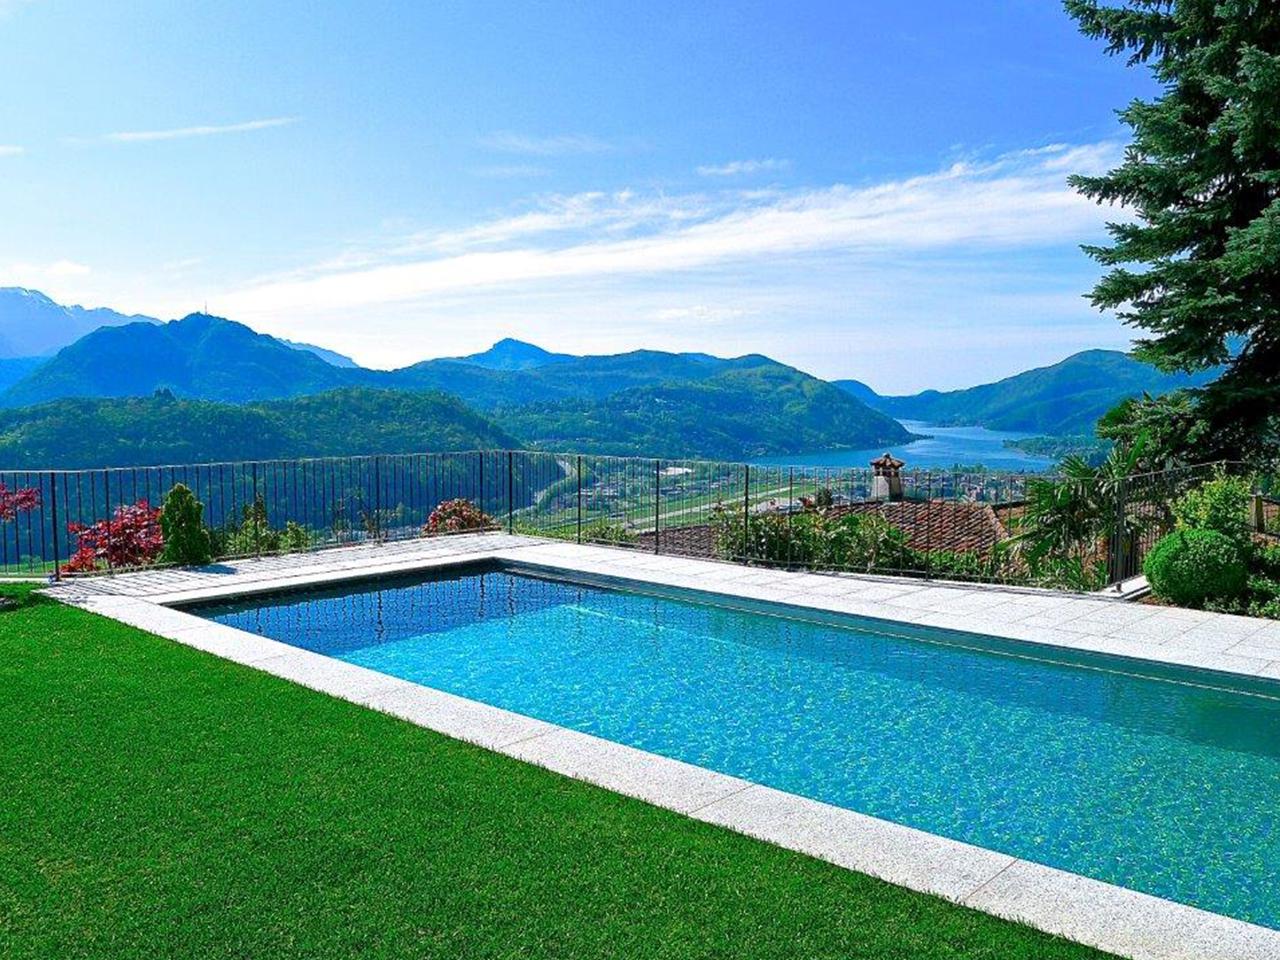 Villa con piscina vista lago a bosco luganese - Villa con piscina ...